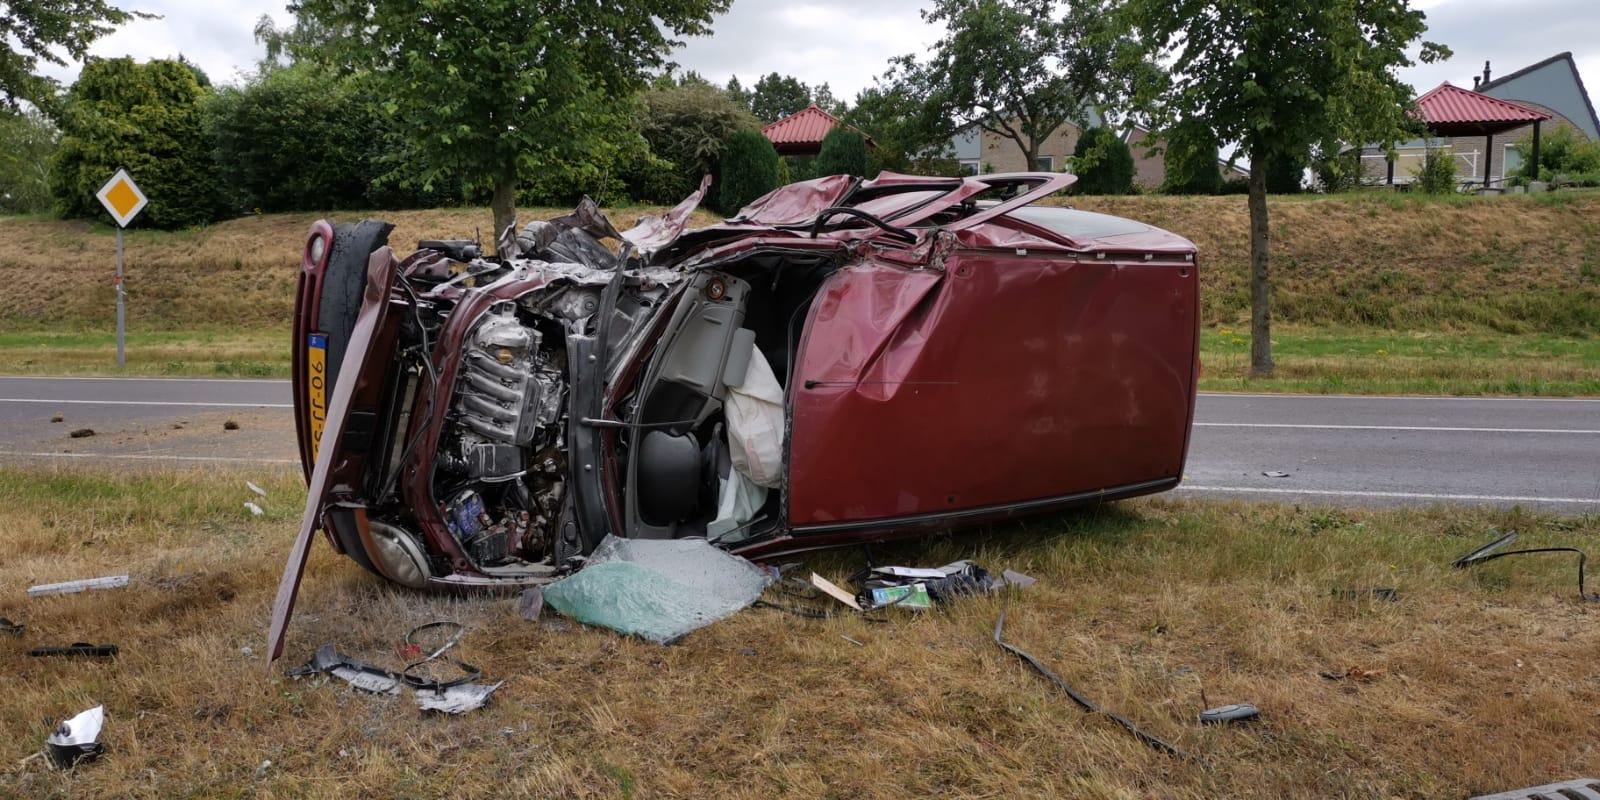 Bestuurder raakt gewond bij eenzijdig ongeval in Assen